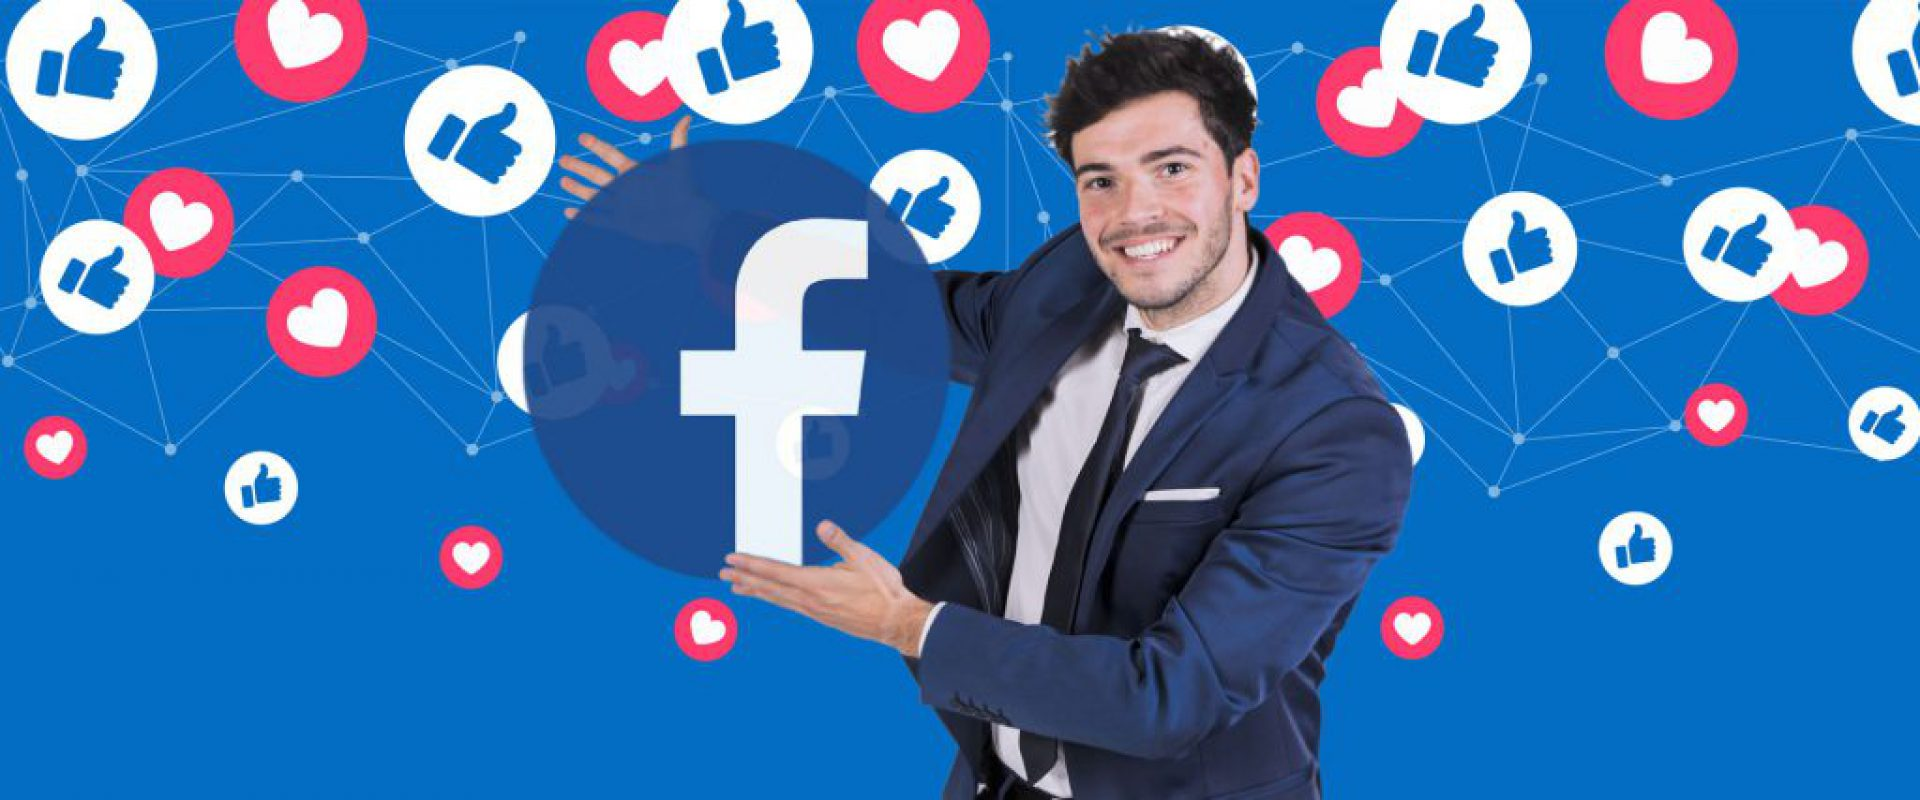 Konto firmowe na Facebooku - poznaj korzyści!